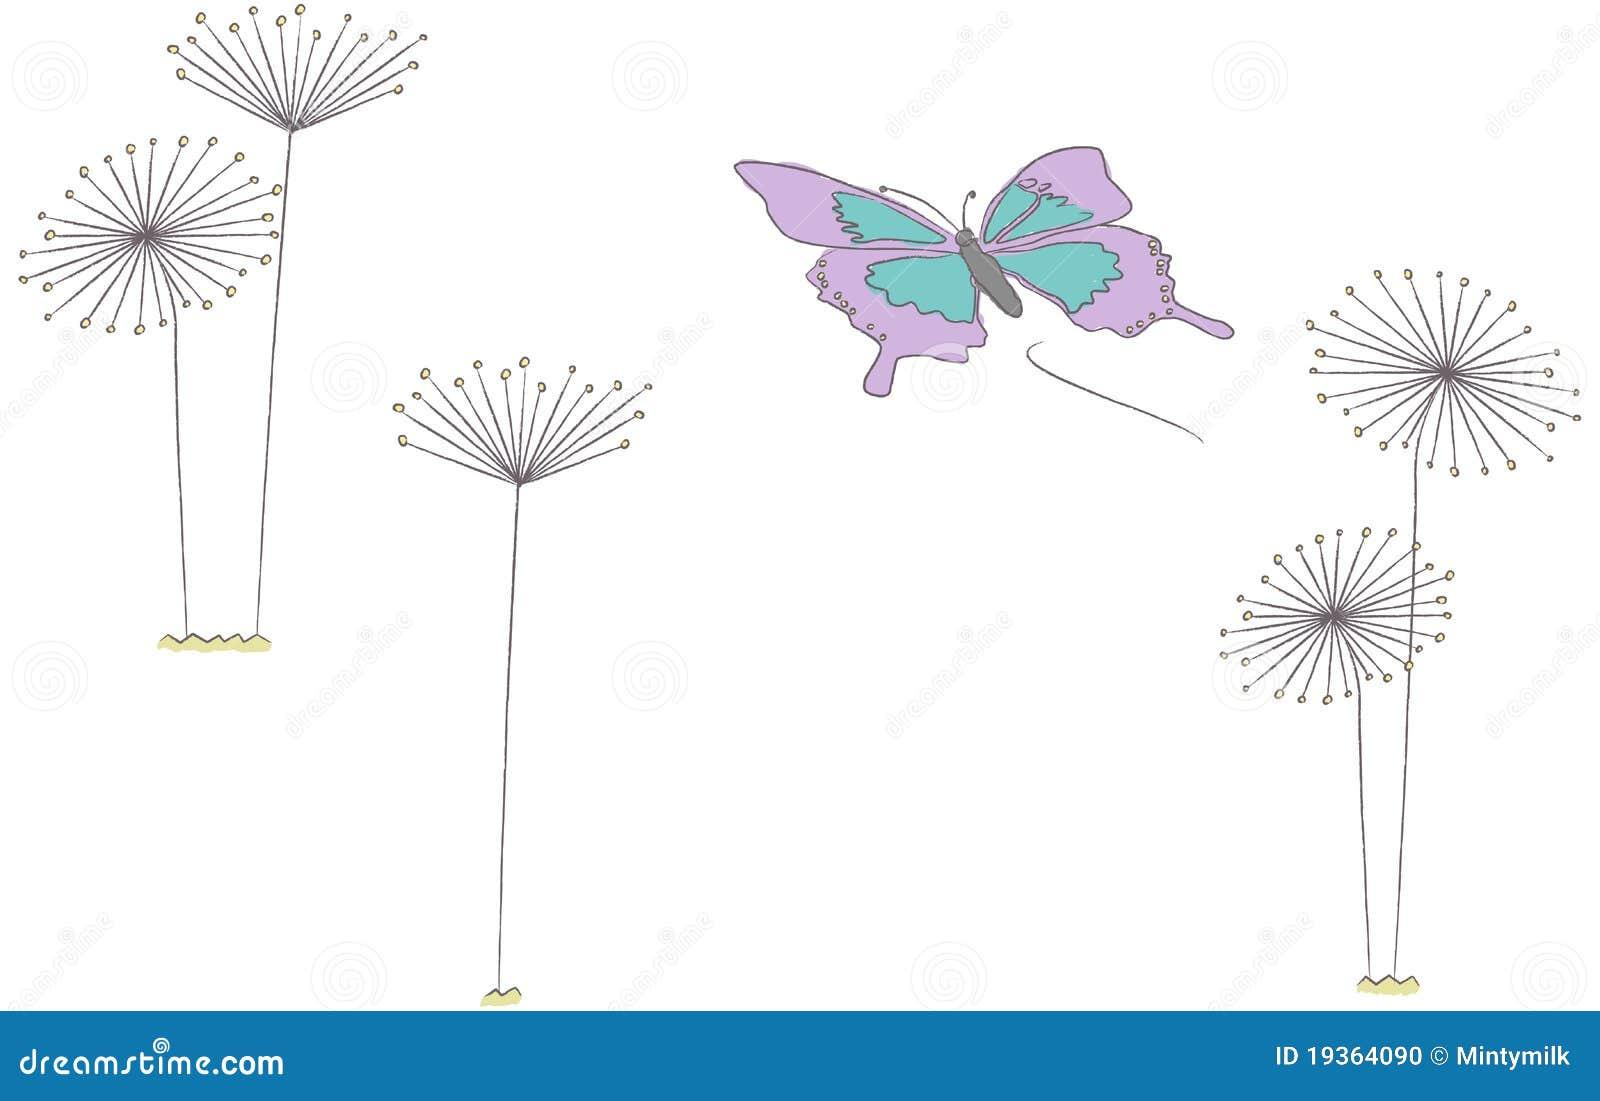 掠过蝴蝶蒲公英飞行往向量的例证冲程.